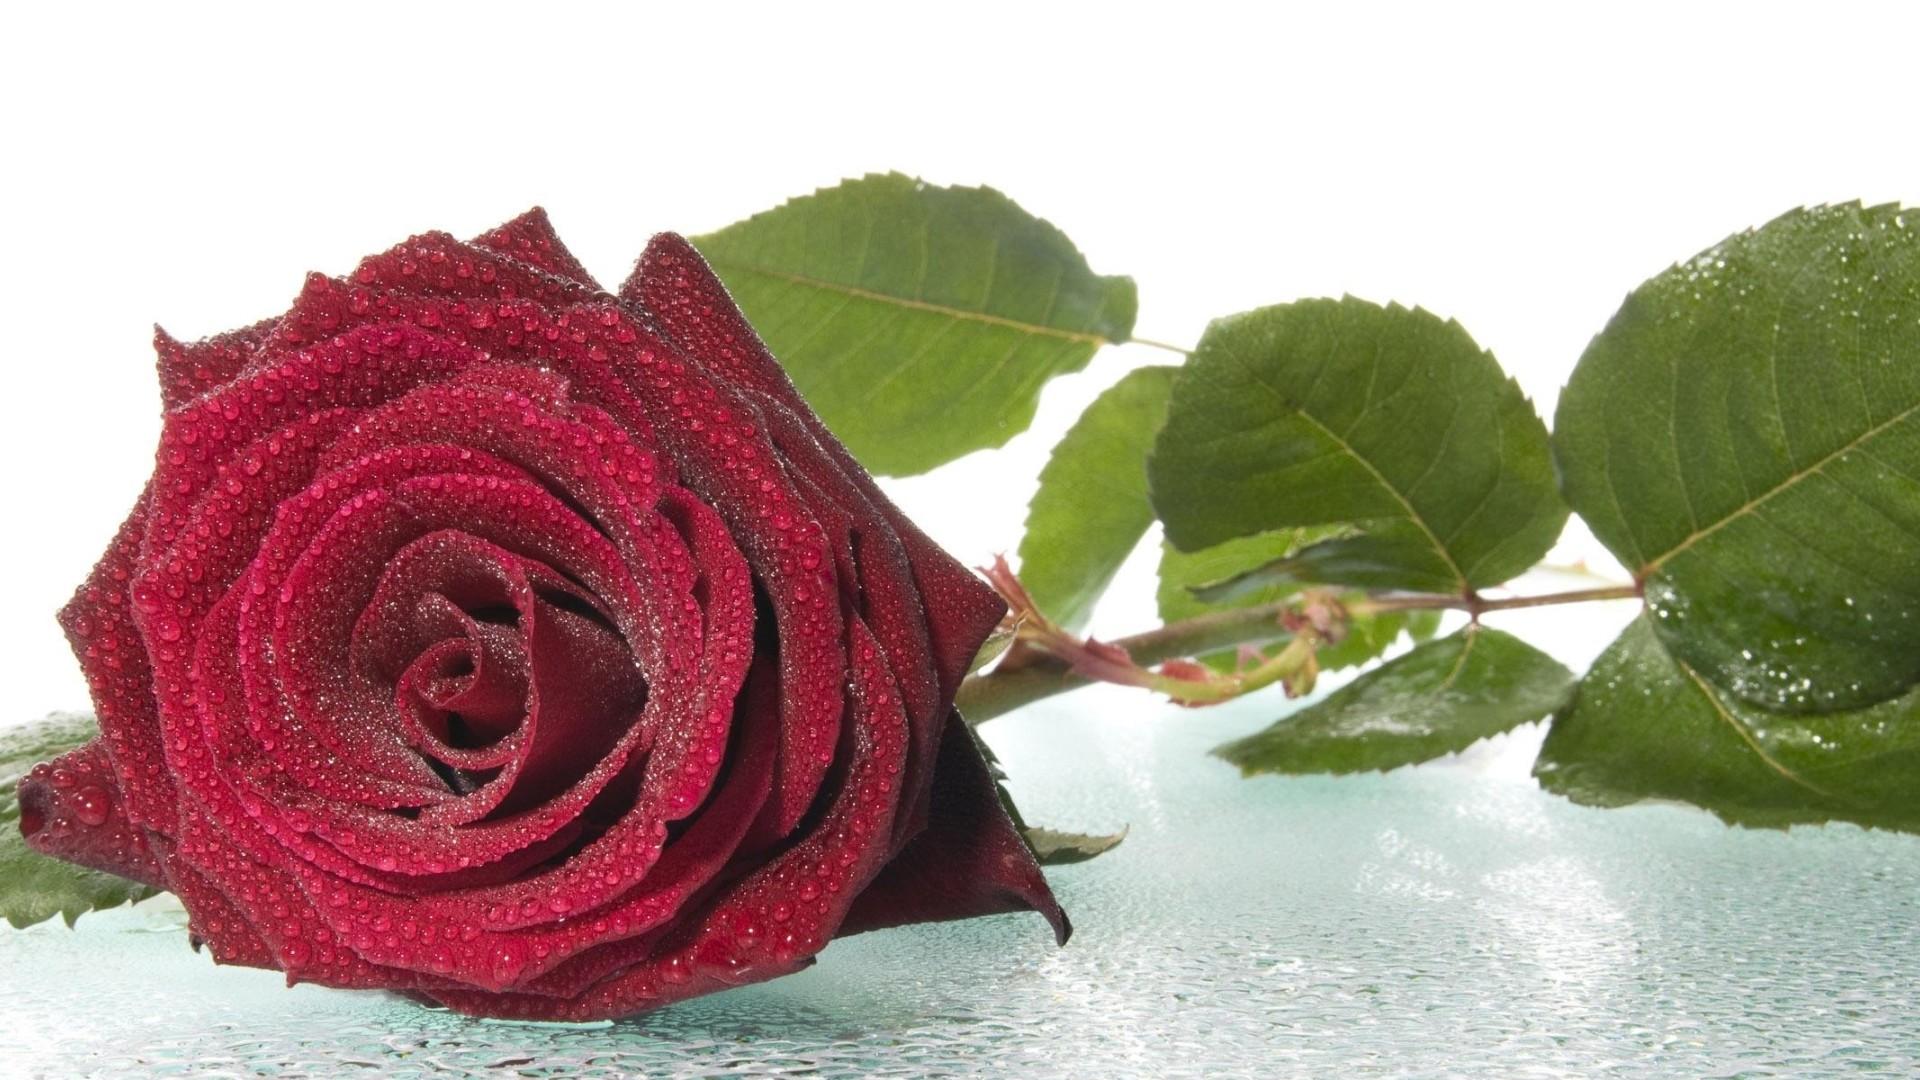 roses wallpaper for desktop 183��